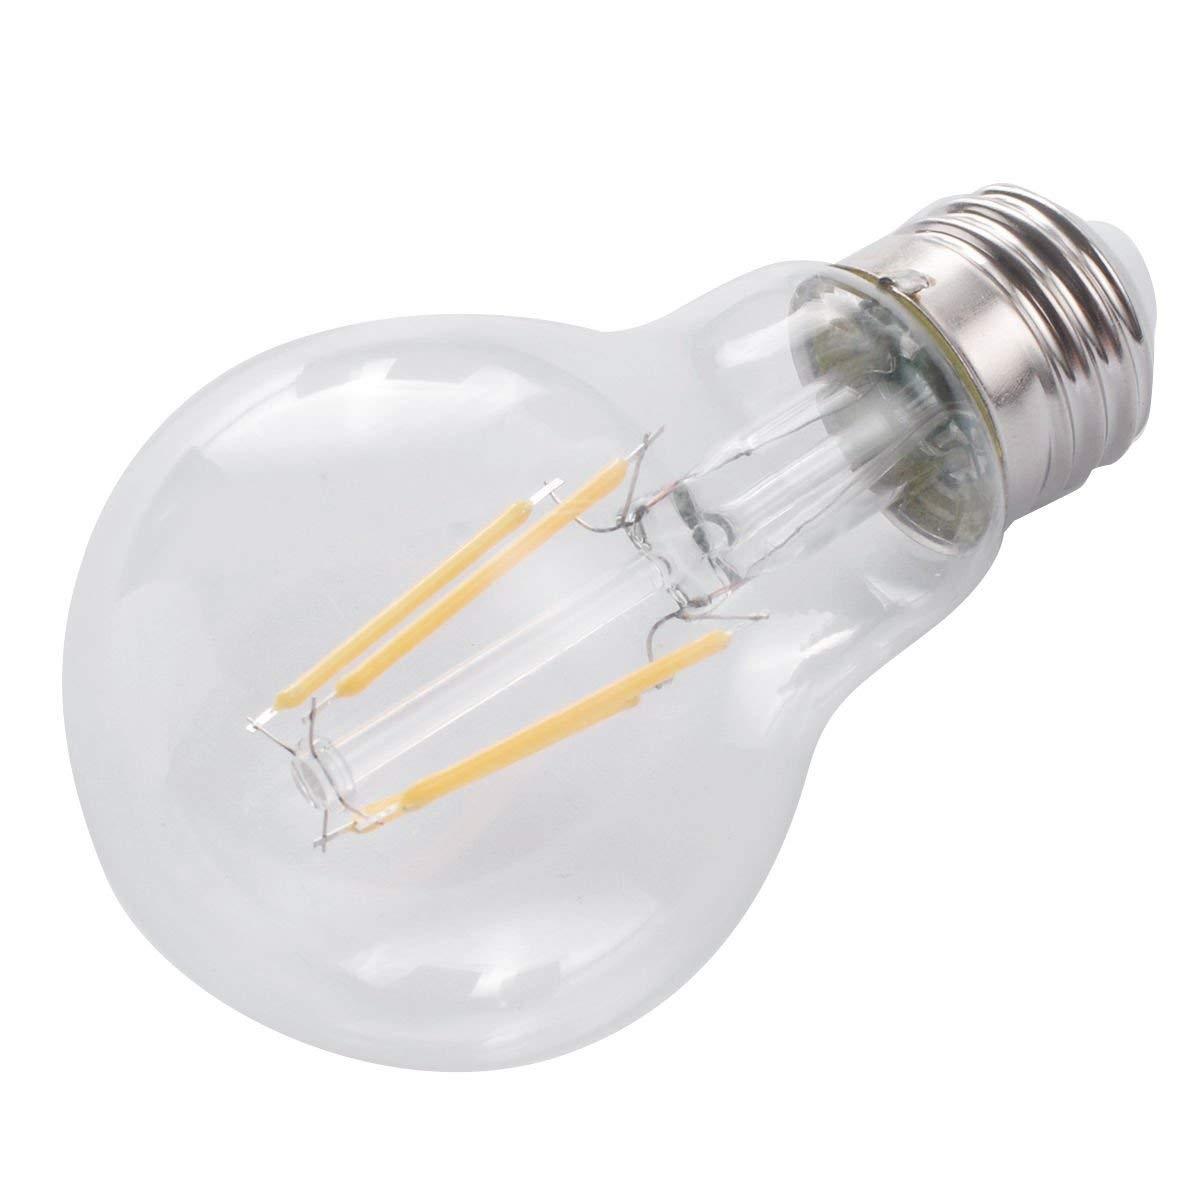 4-Light Modern Wall Sconce Lamp Fixture